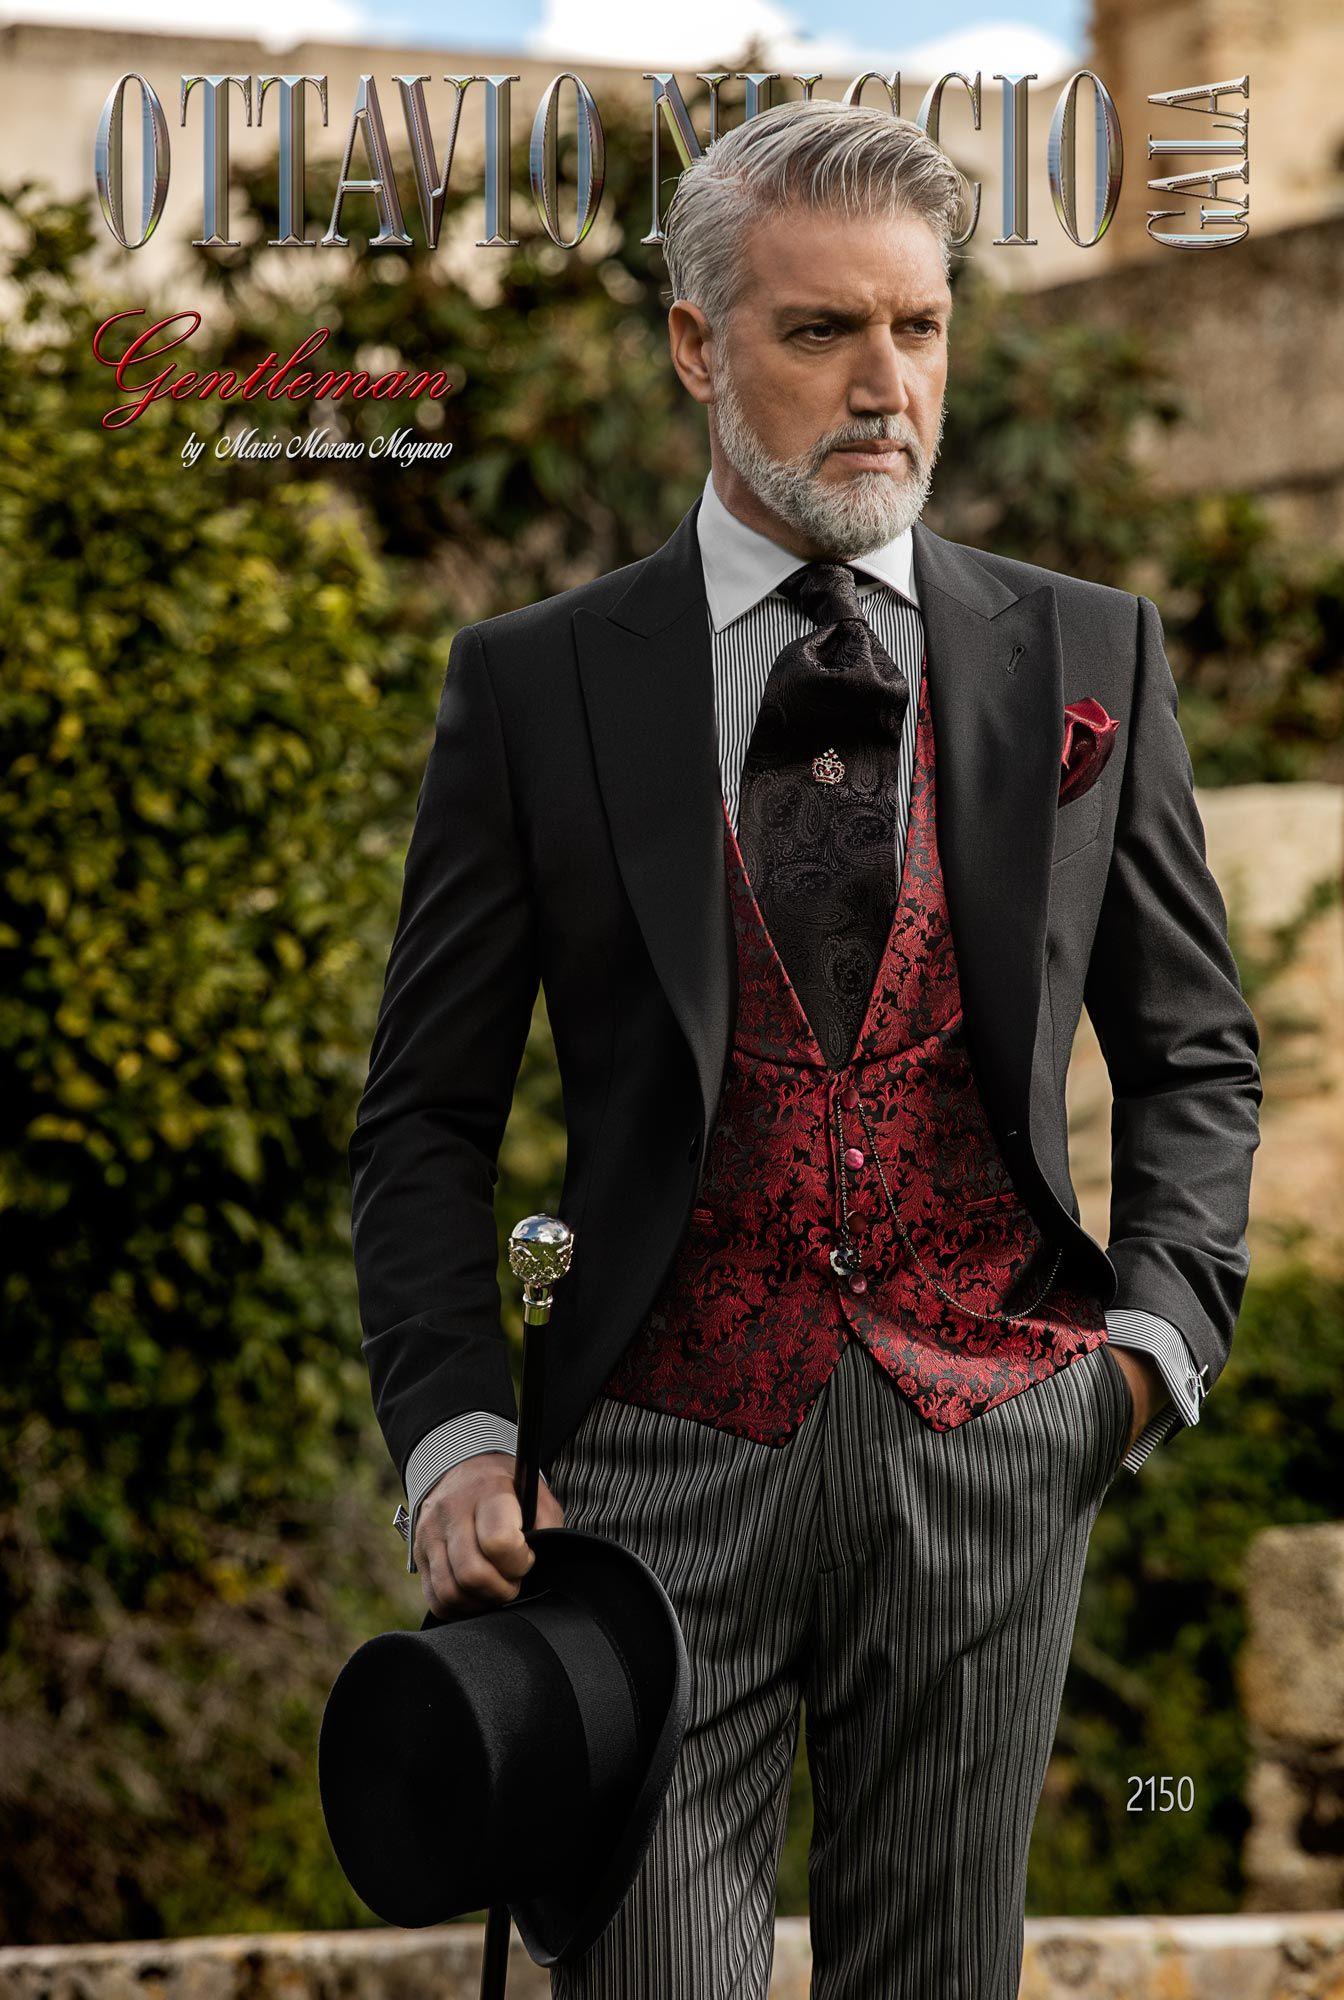 Abito tight nero classico da sposo con pantalone a righe. Completo ONGala  2150 Collezione Gentleman c6a98327aa2